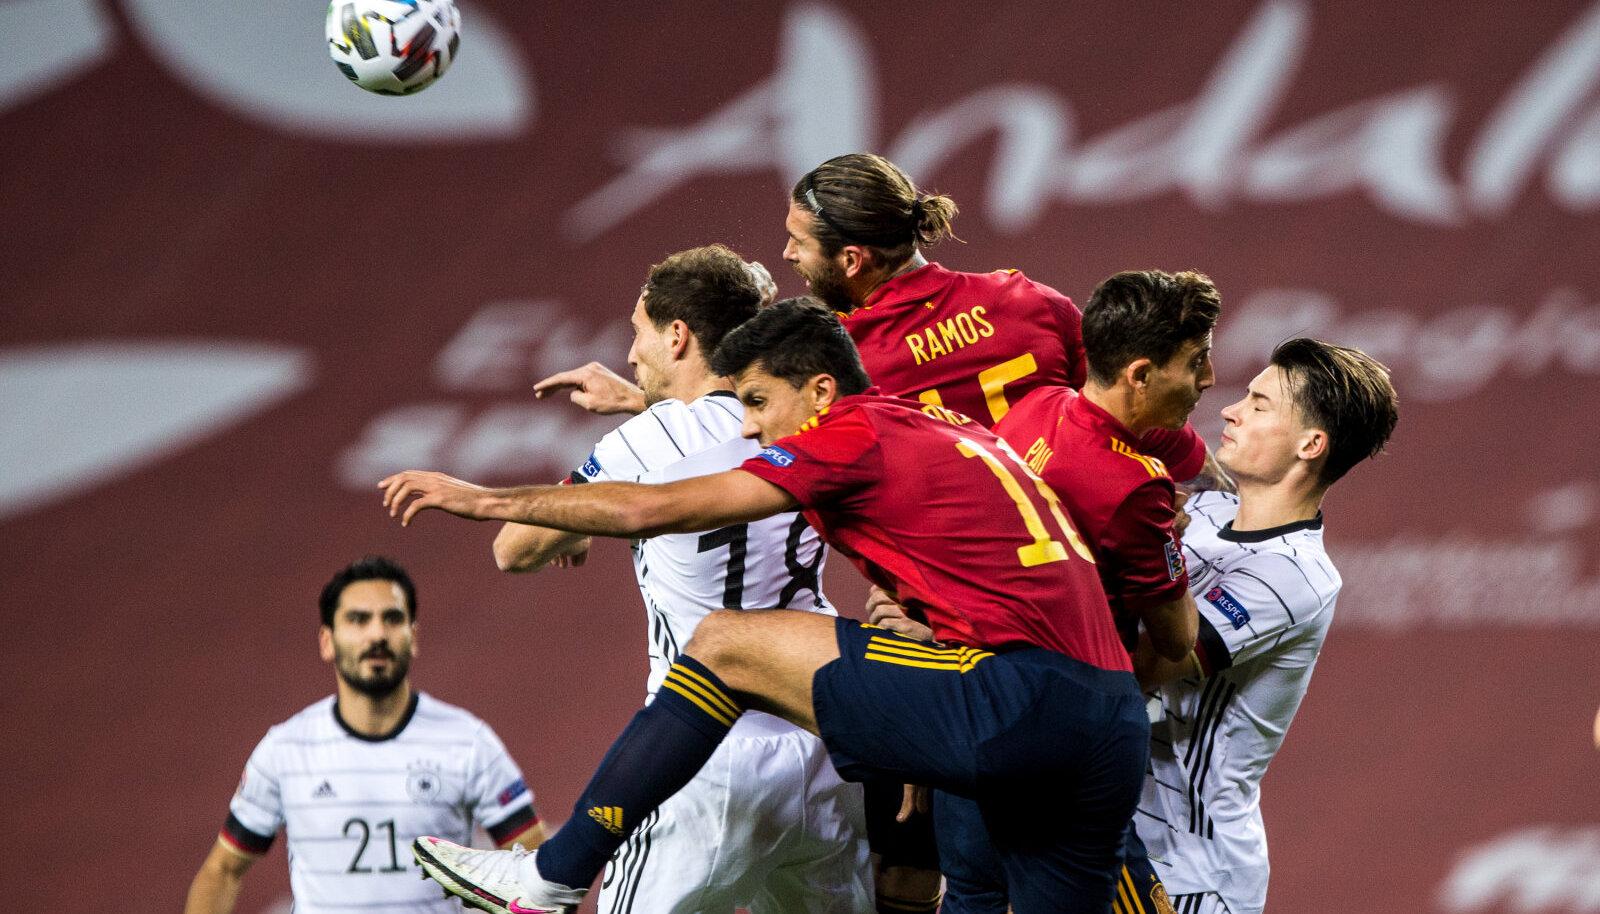 Серхио Рамос и Ферран Торрес перепрыгивают немецких игроков